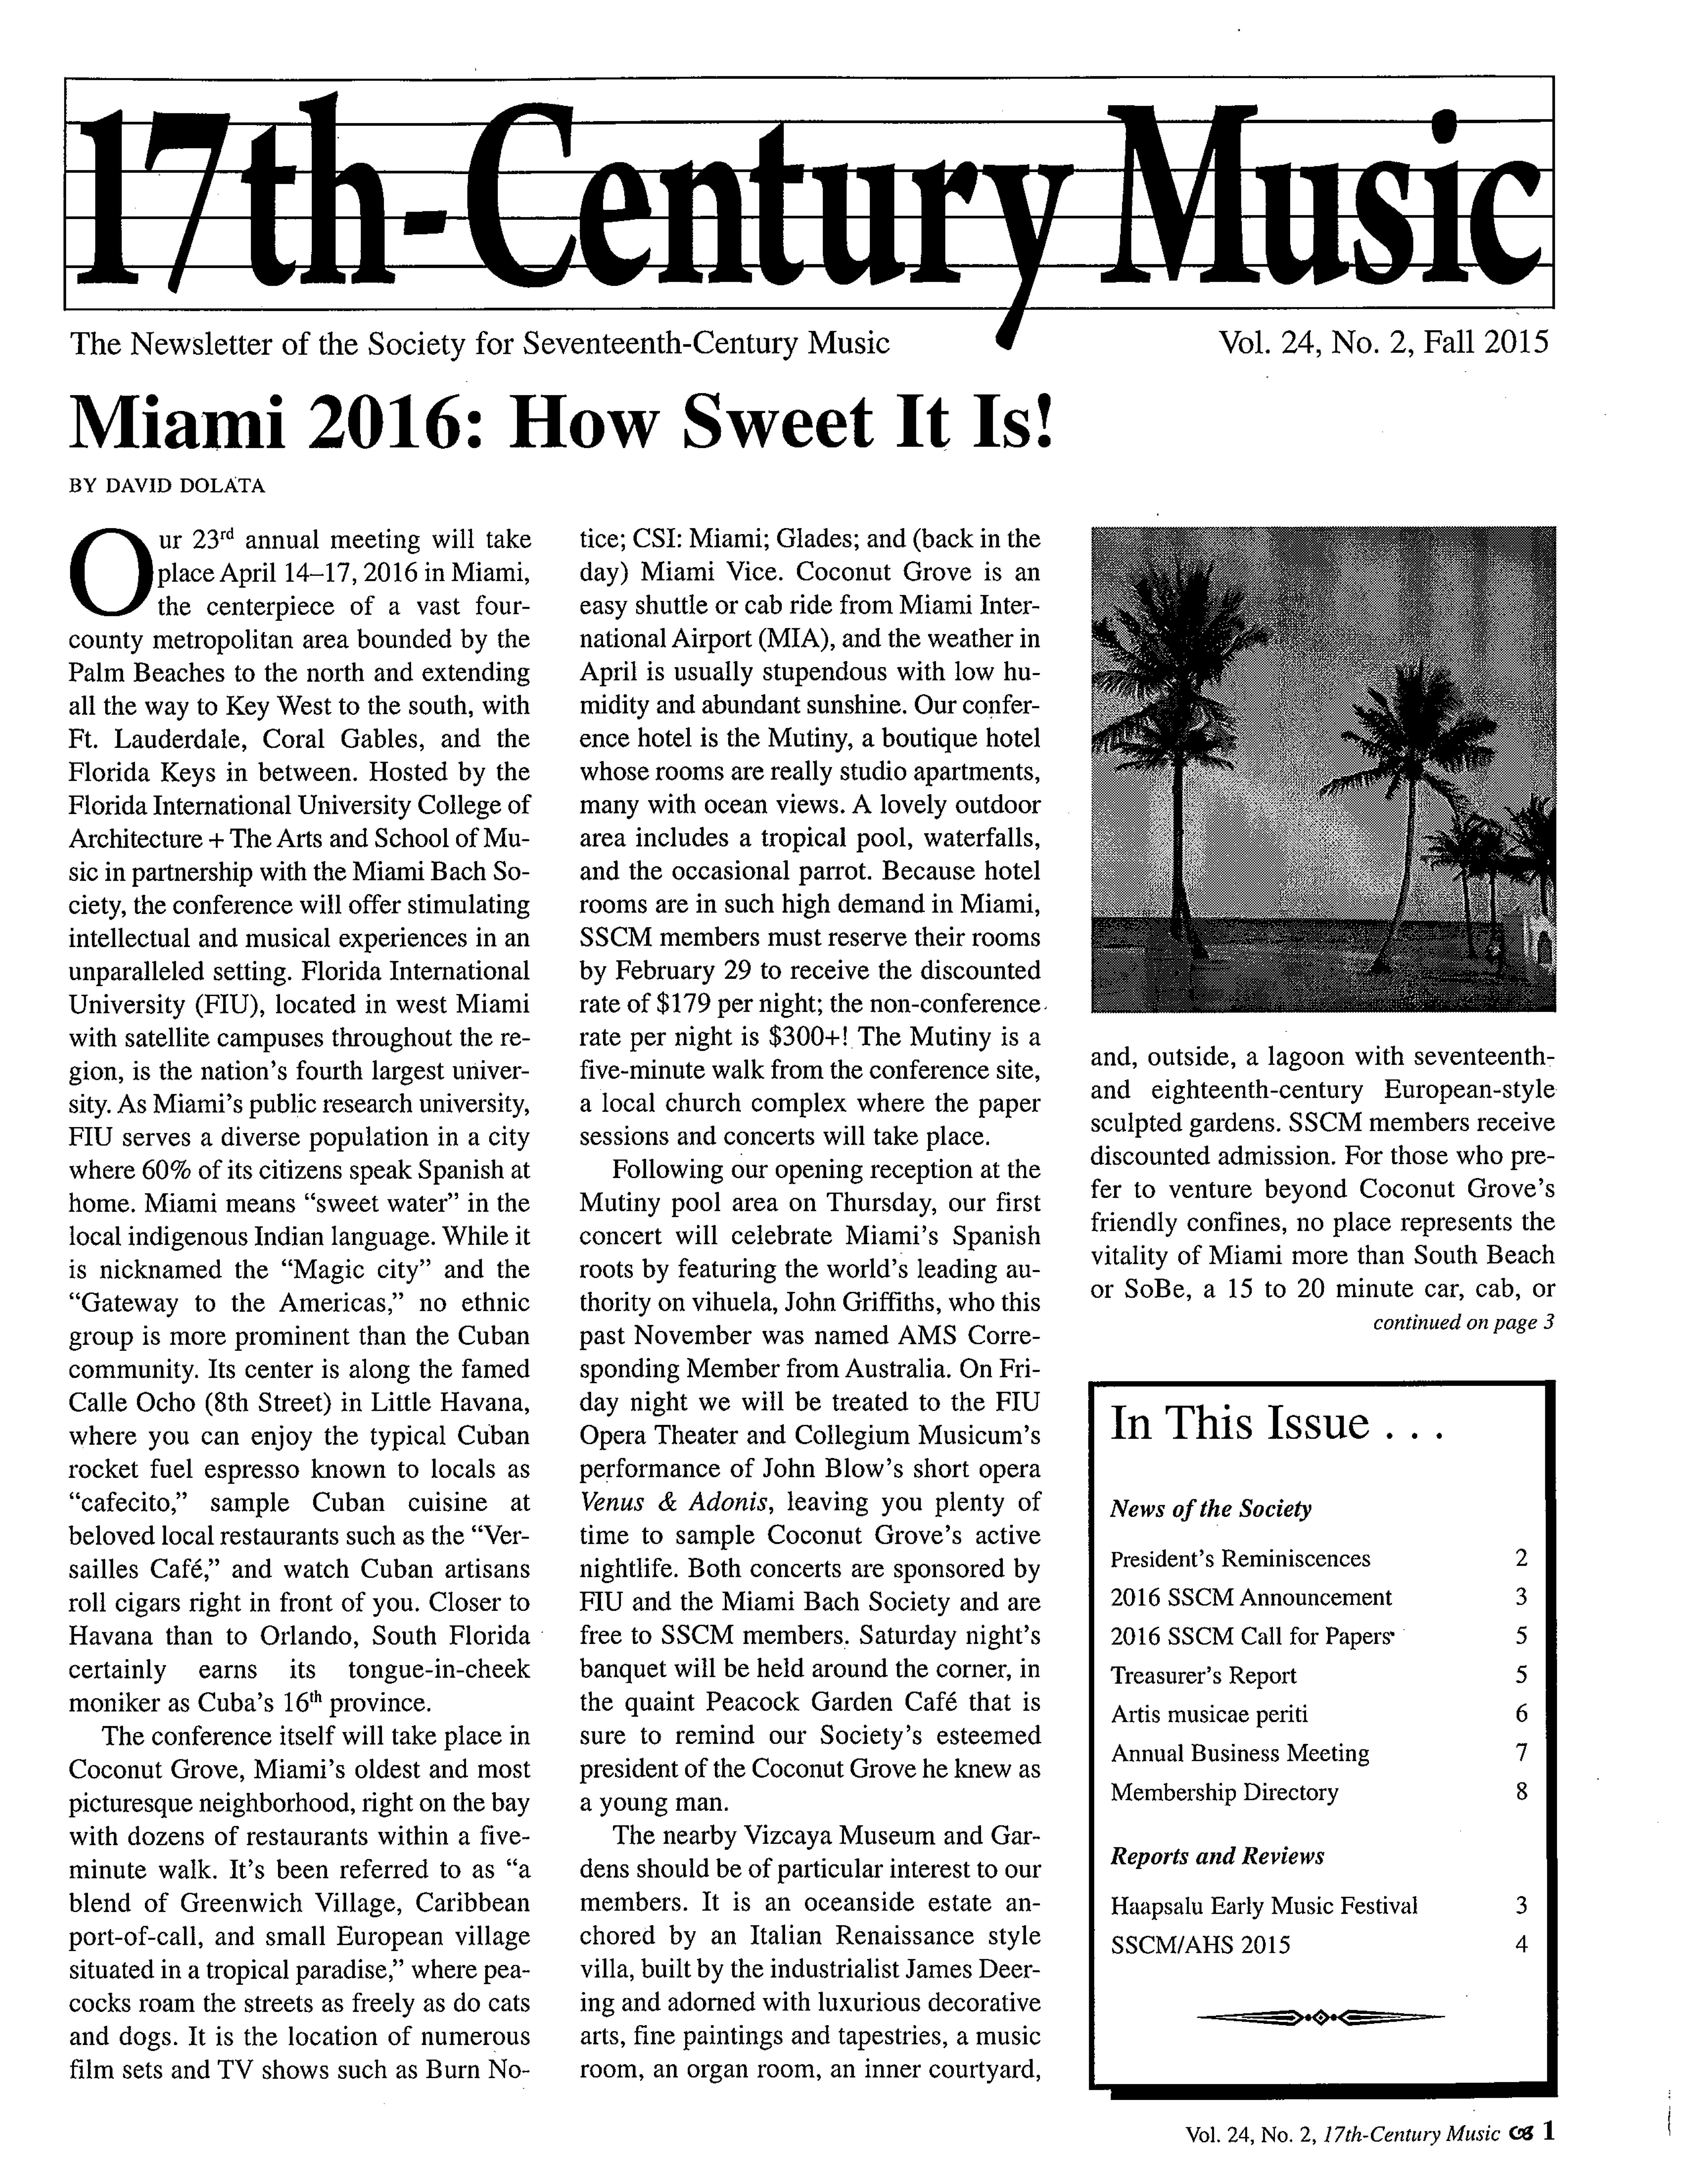 SSCM Miami 2016